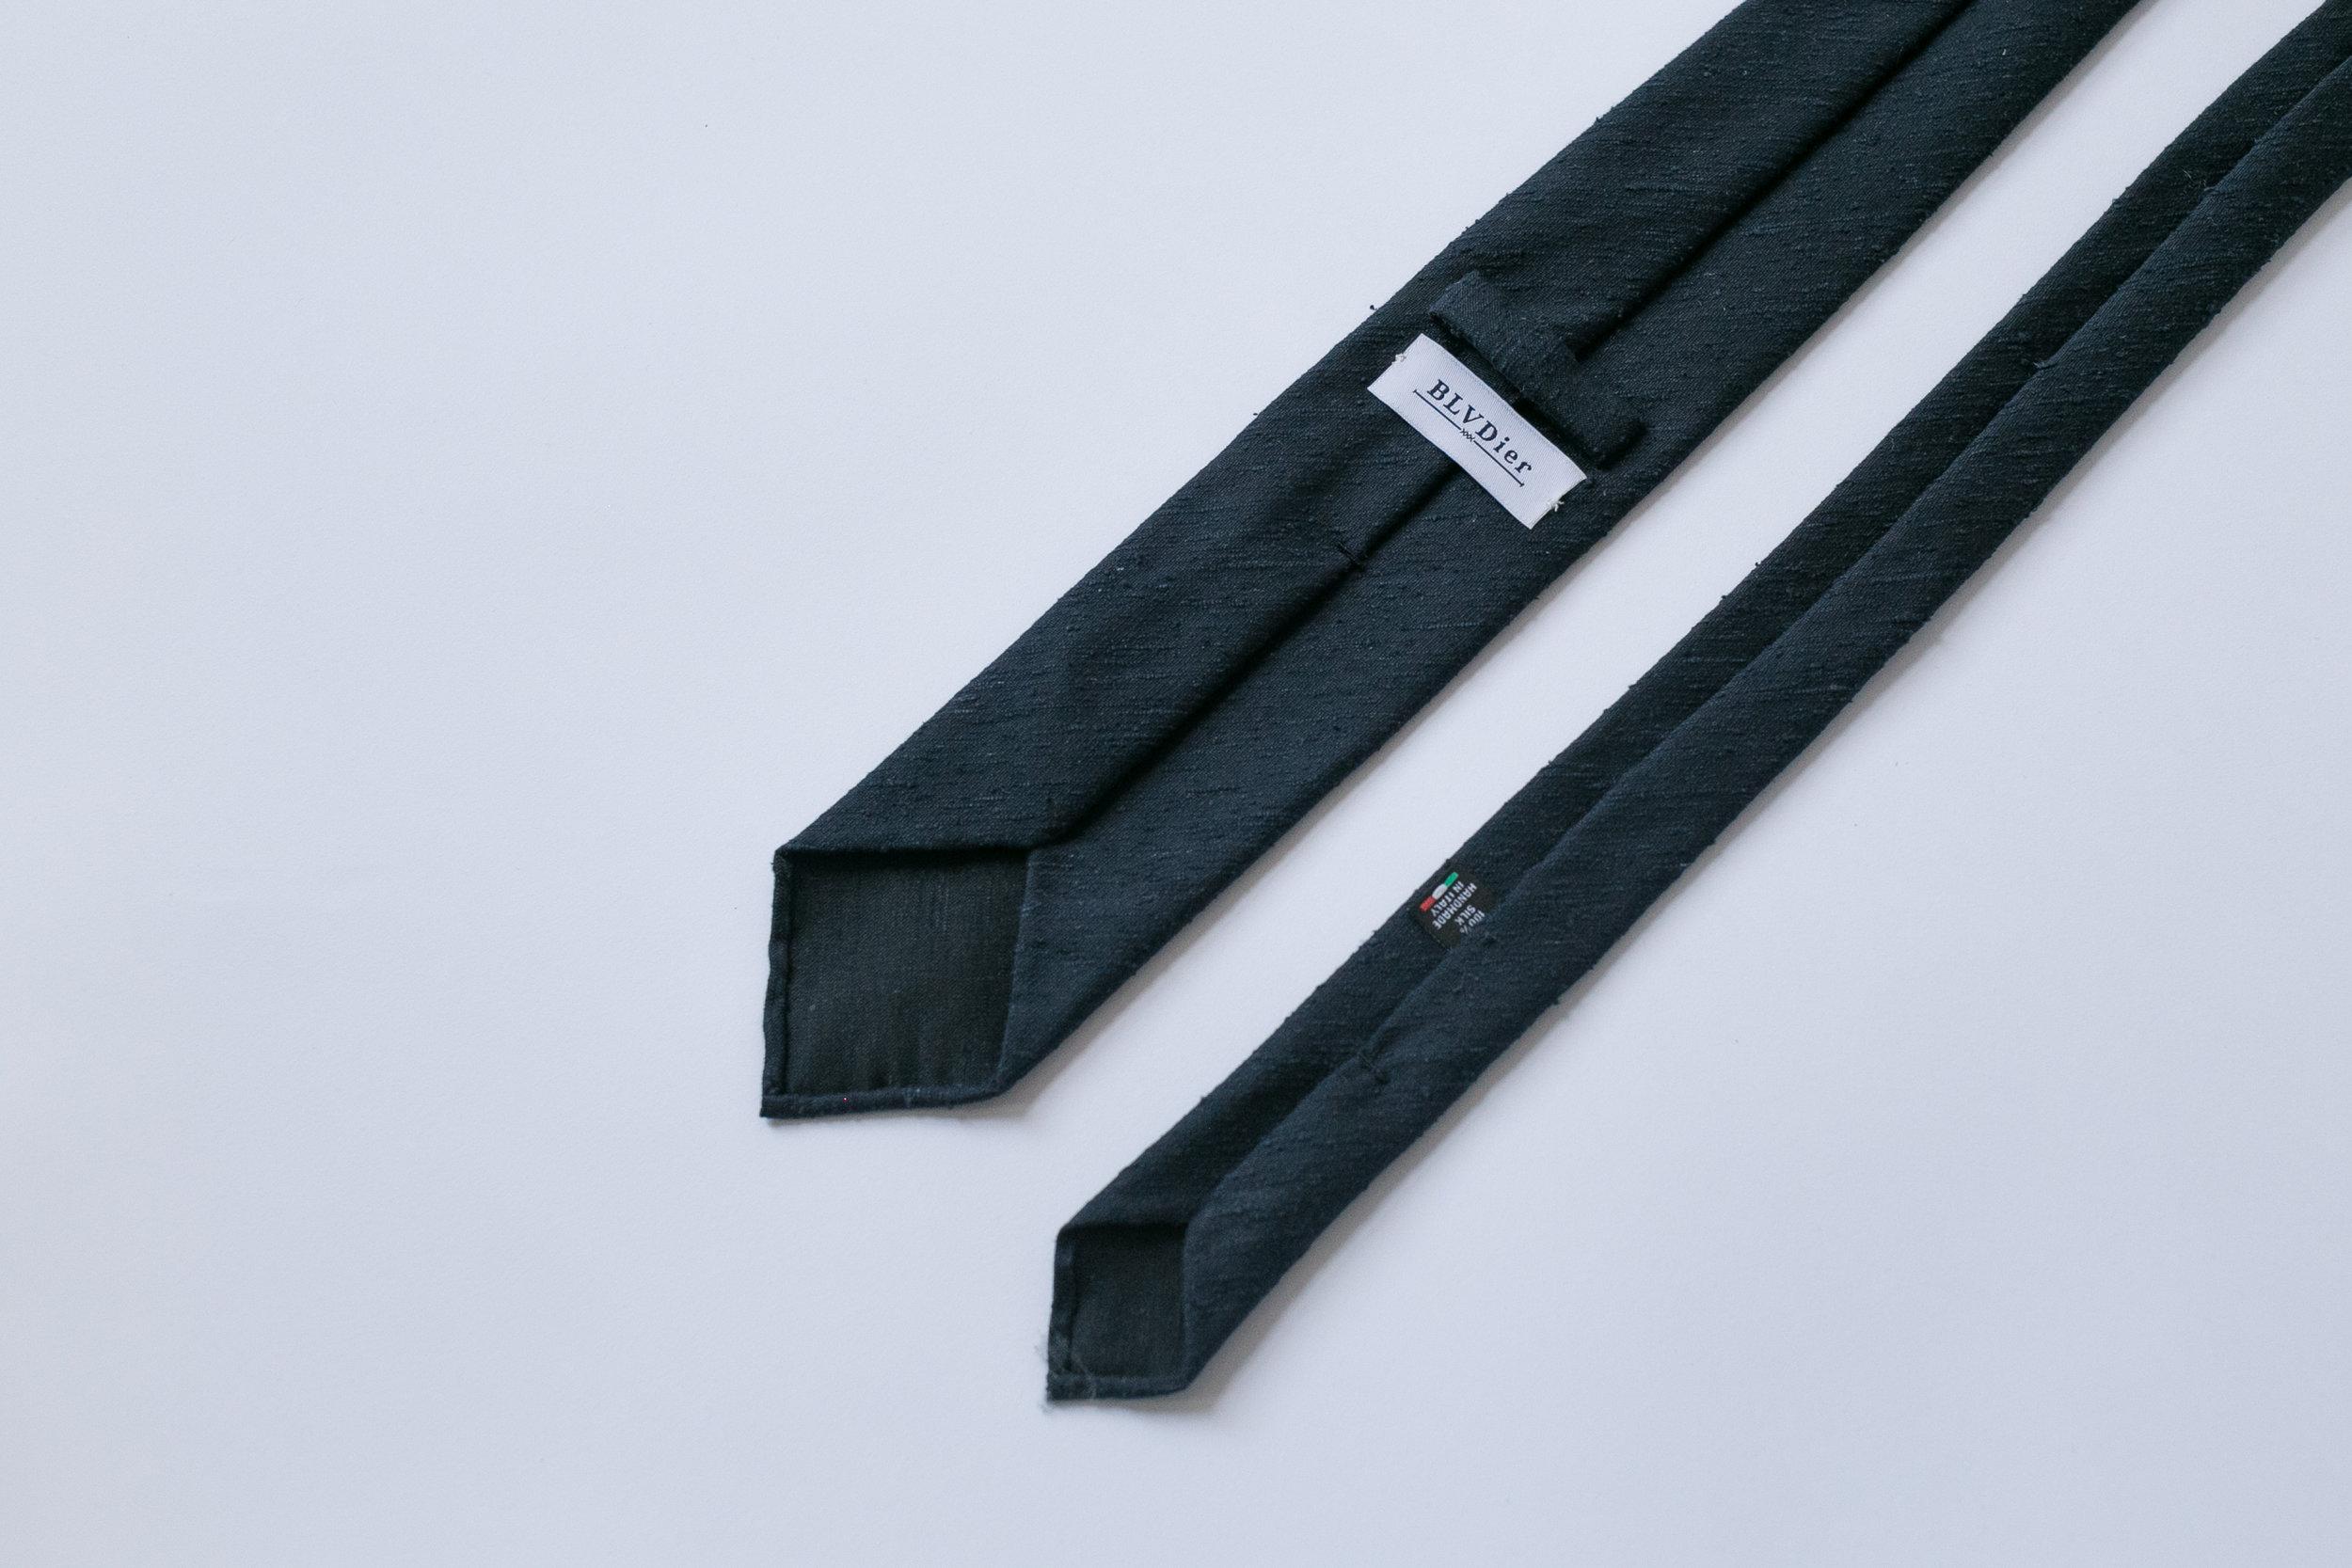 tie product shots (28 of 71).jpg